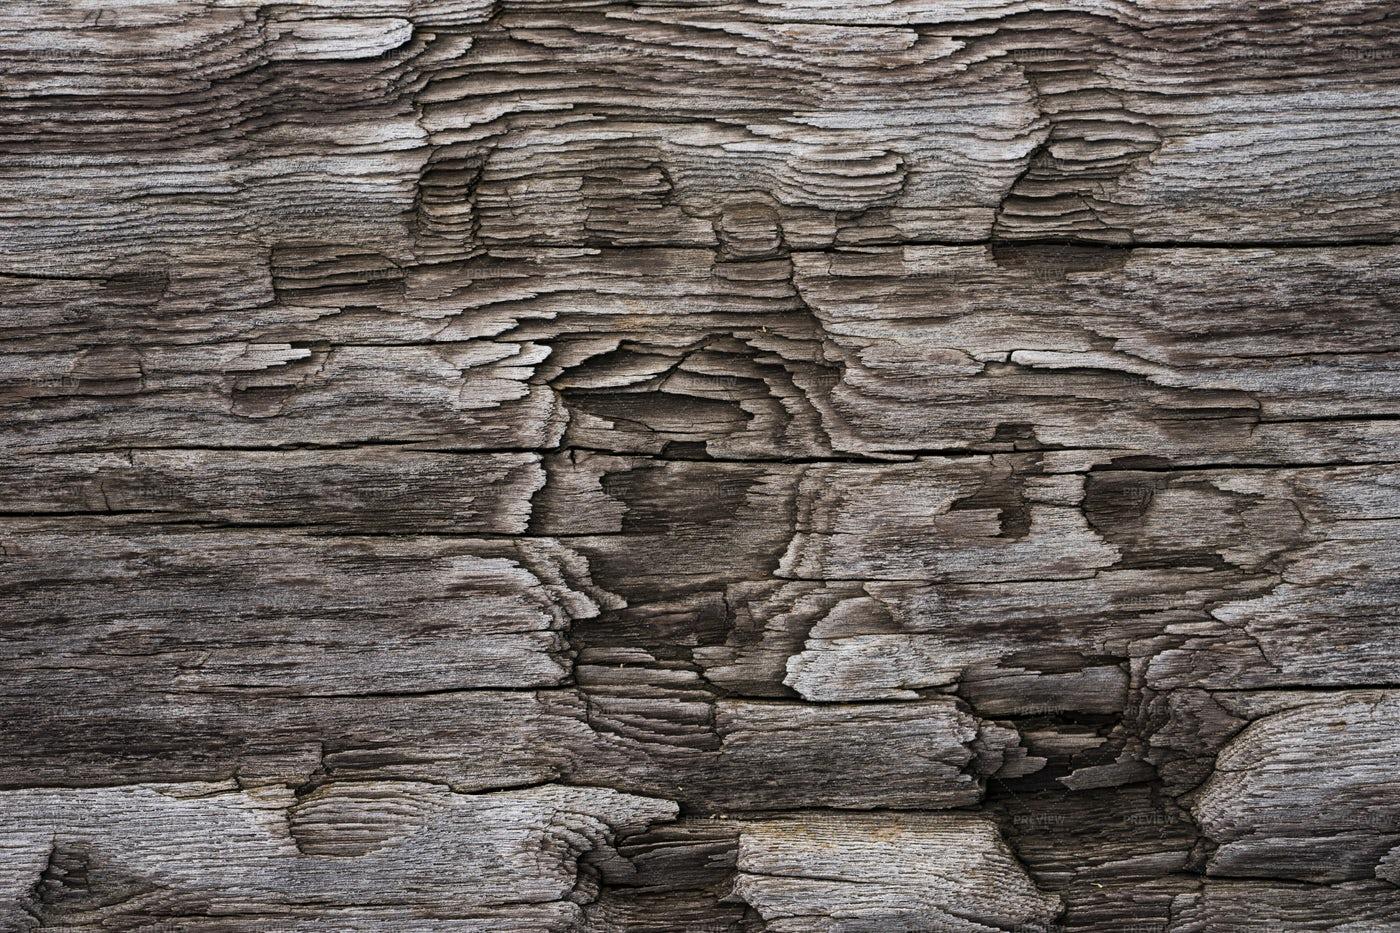 Closeup Of Textured Wood: Stock Photos